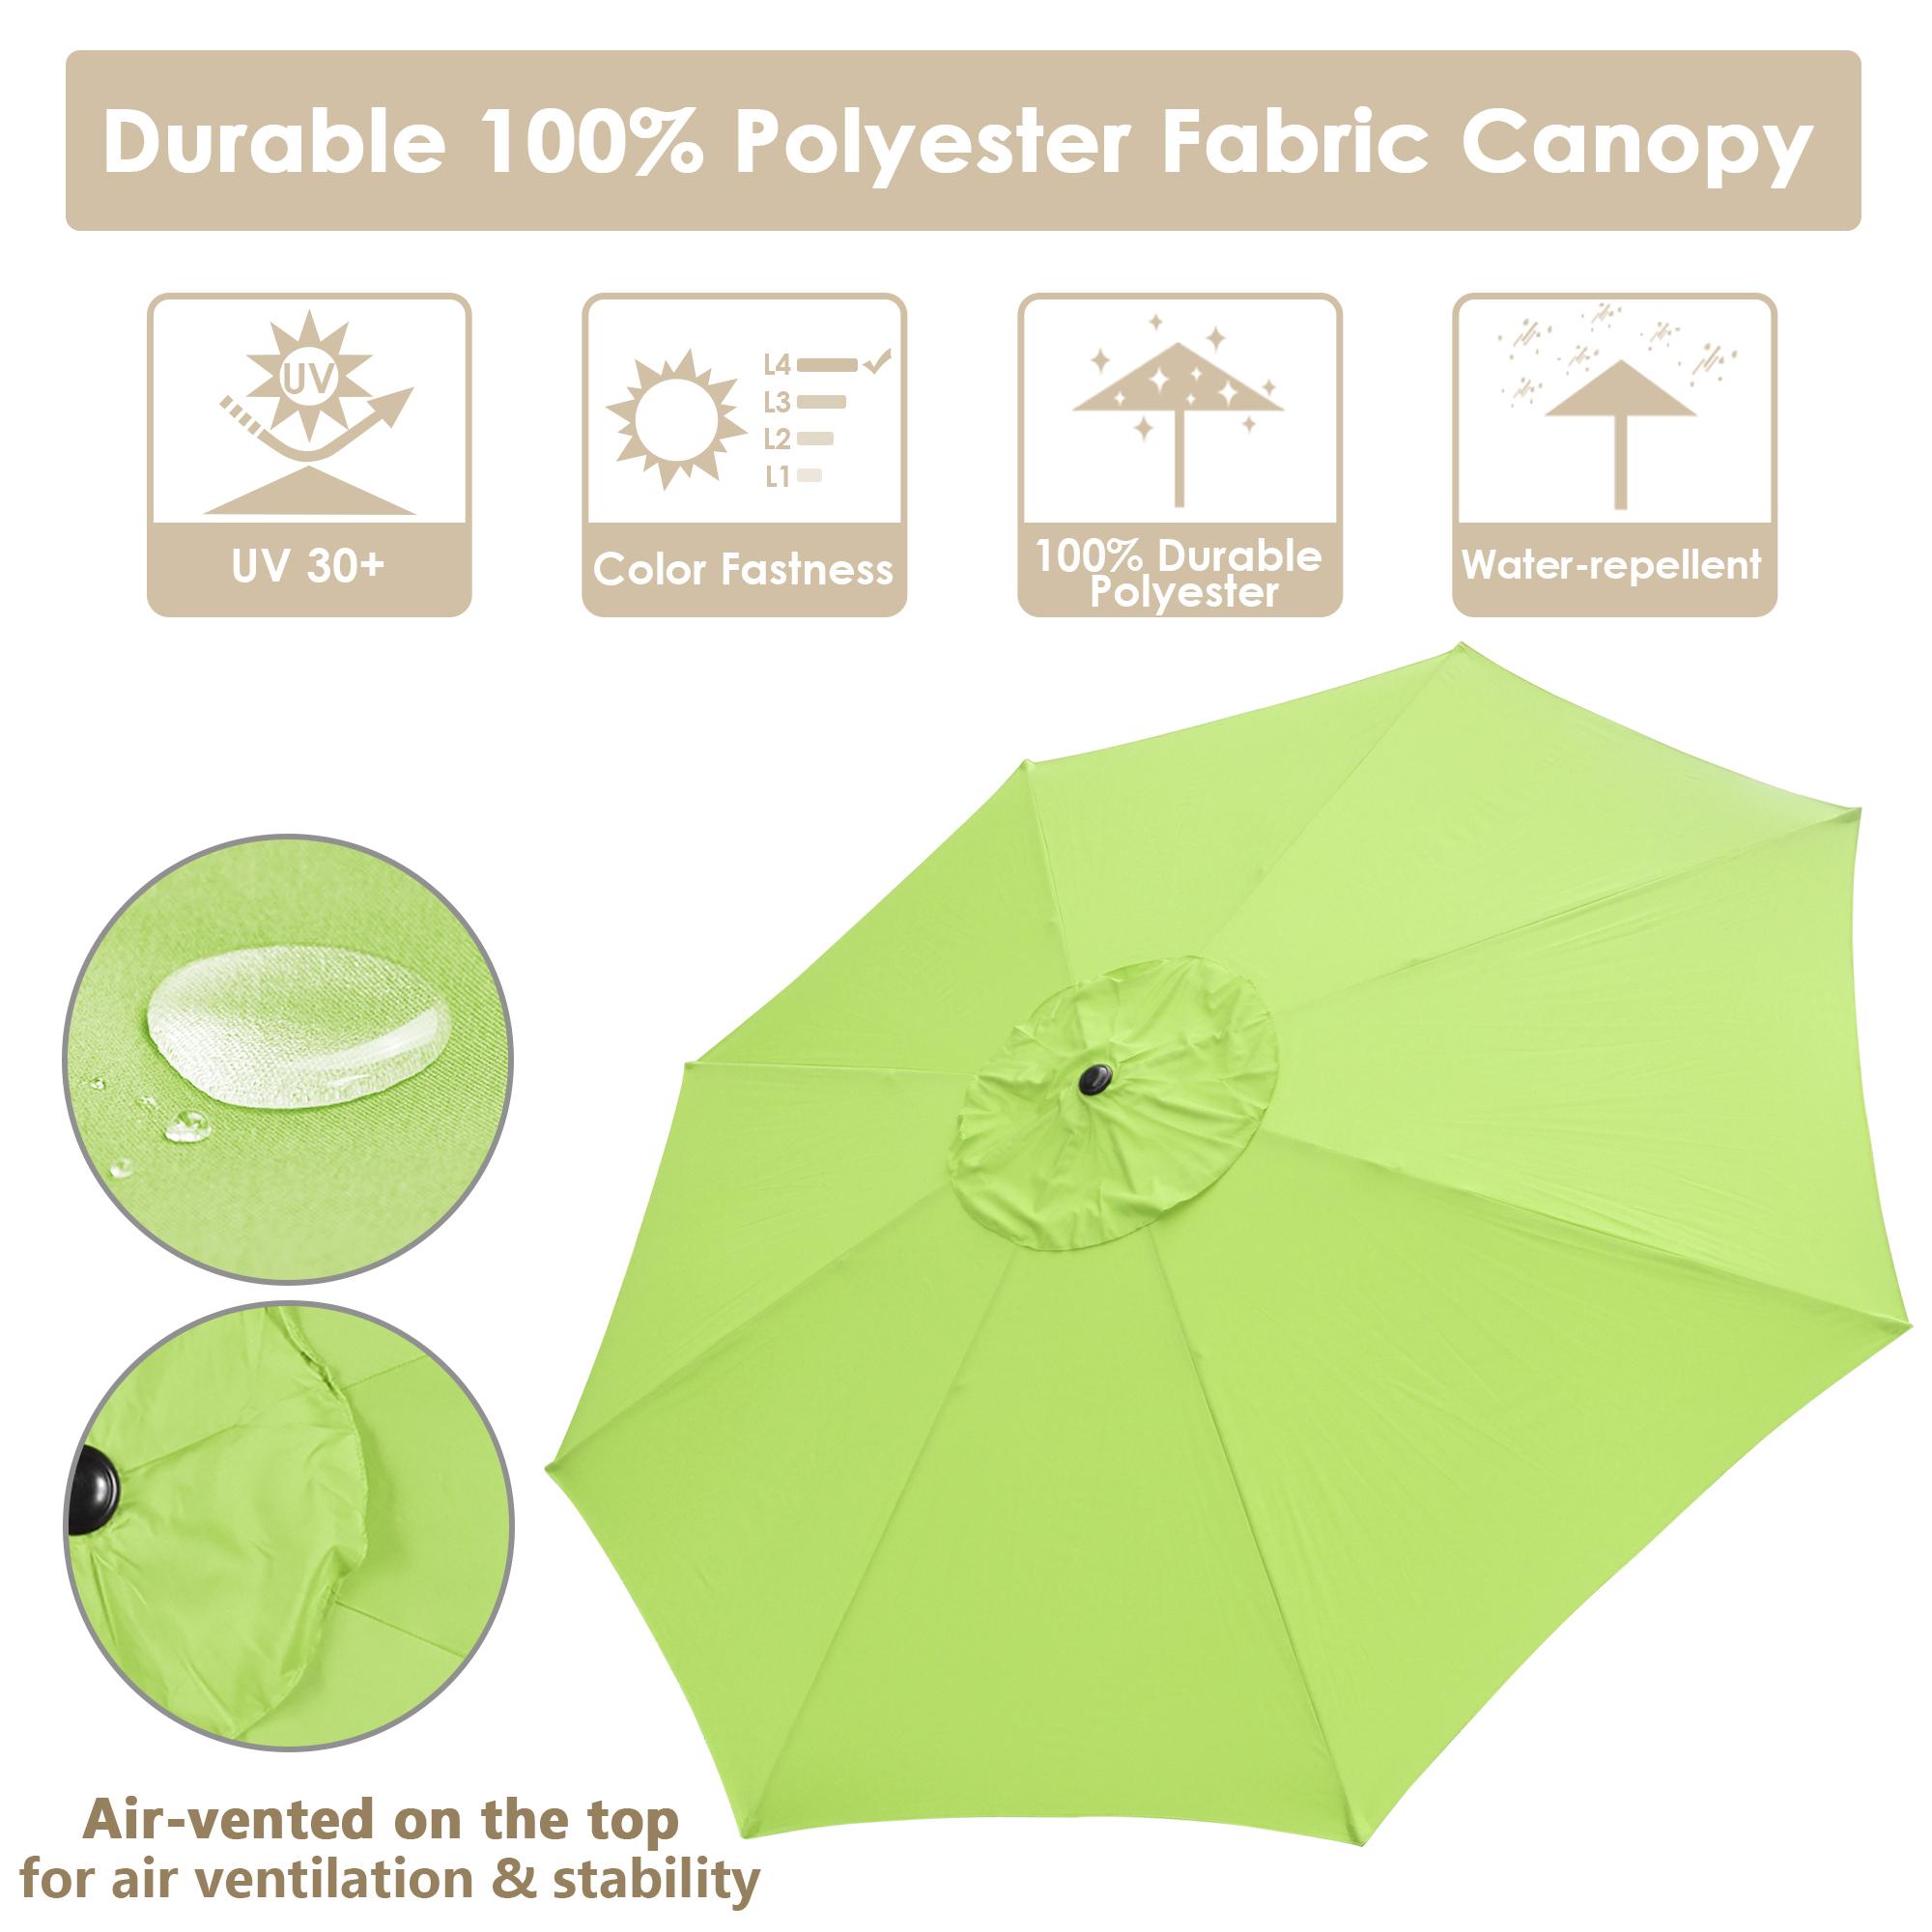 thumbnail 16 - 13' FT Sun Shade Patio Aluminum Umbrella UV30+ Outdoor Market Garden Beach Deck